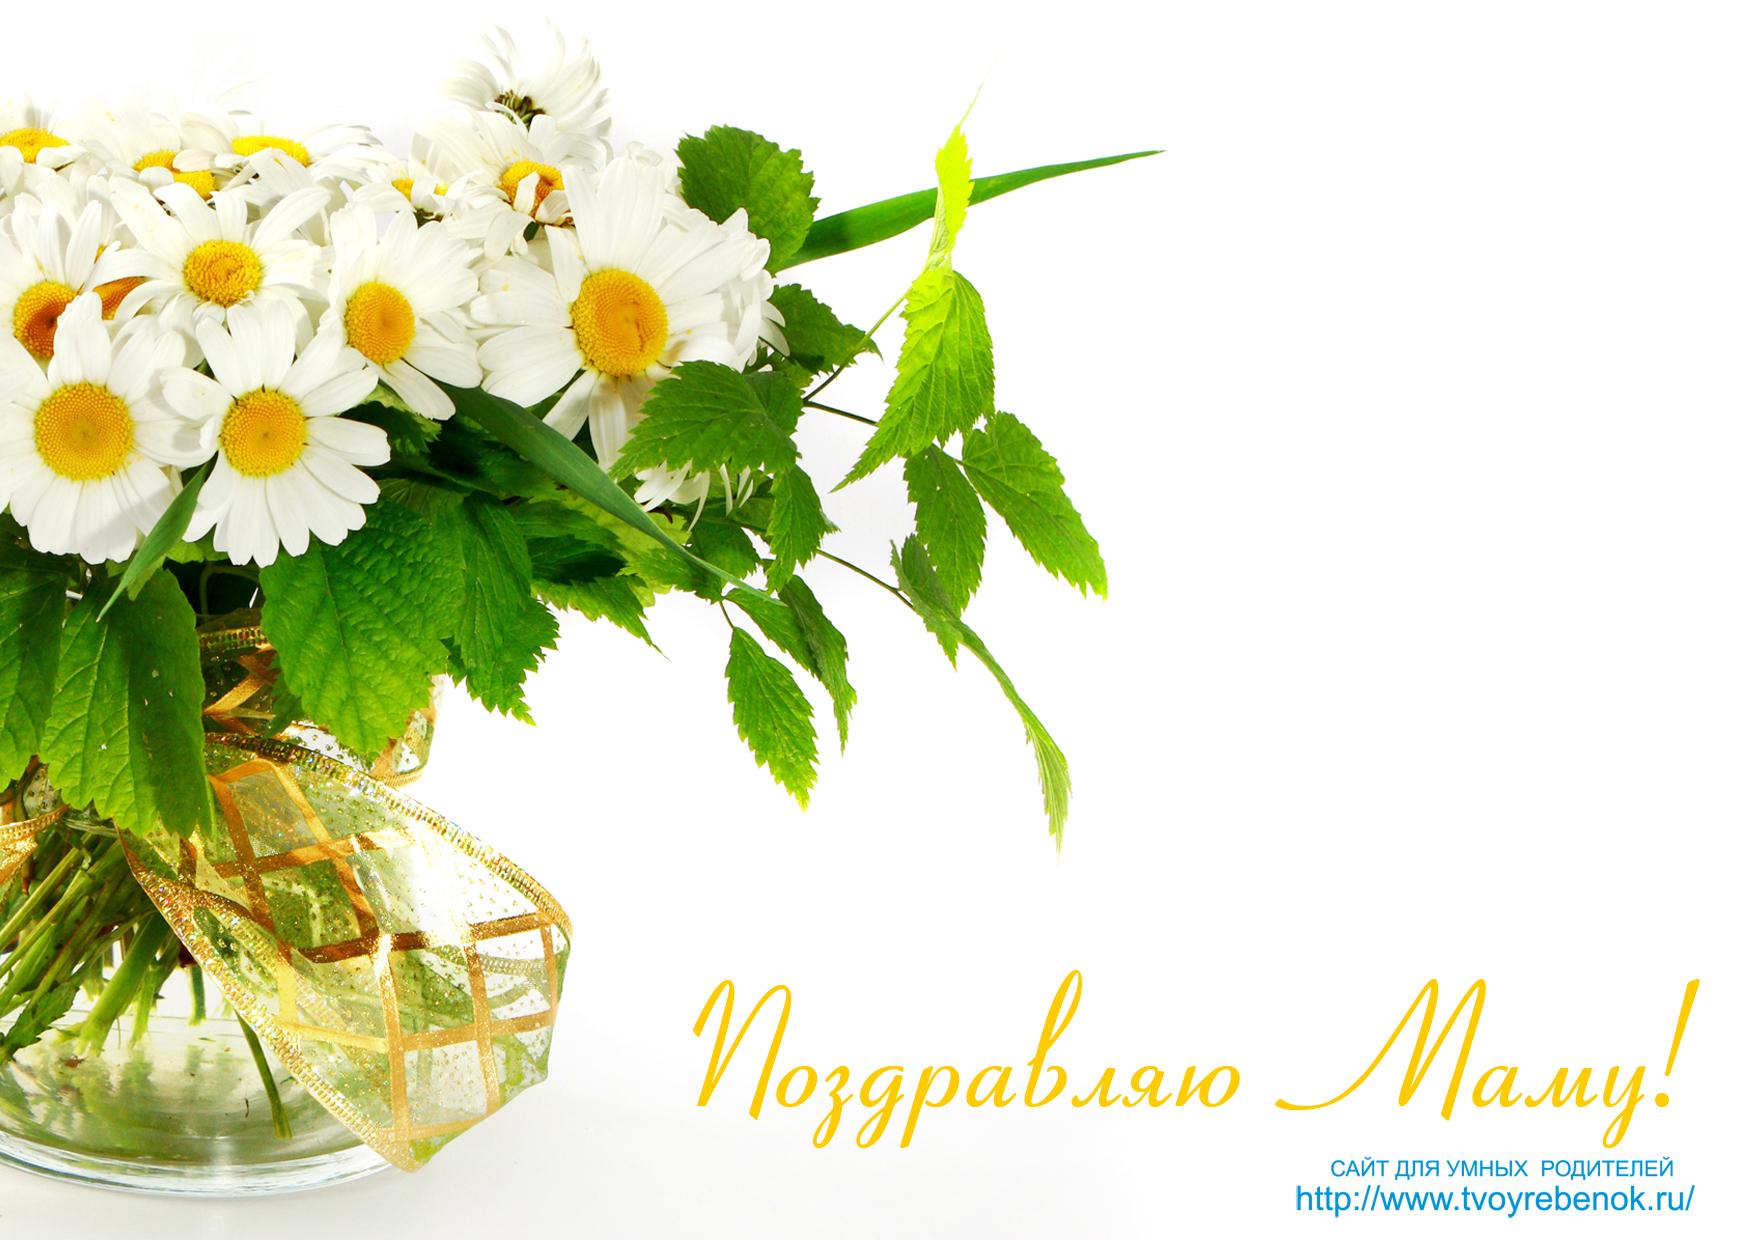 Текст на открытке с цветами маме